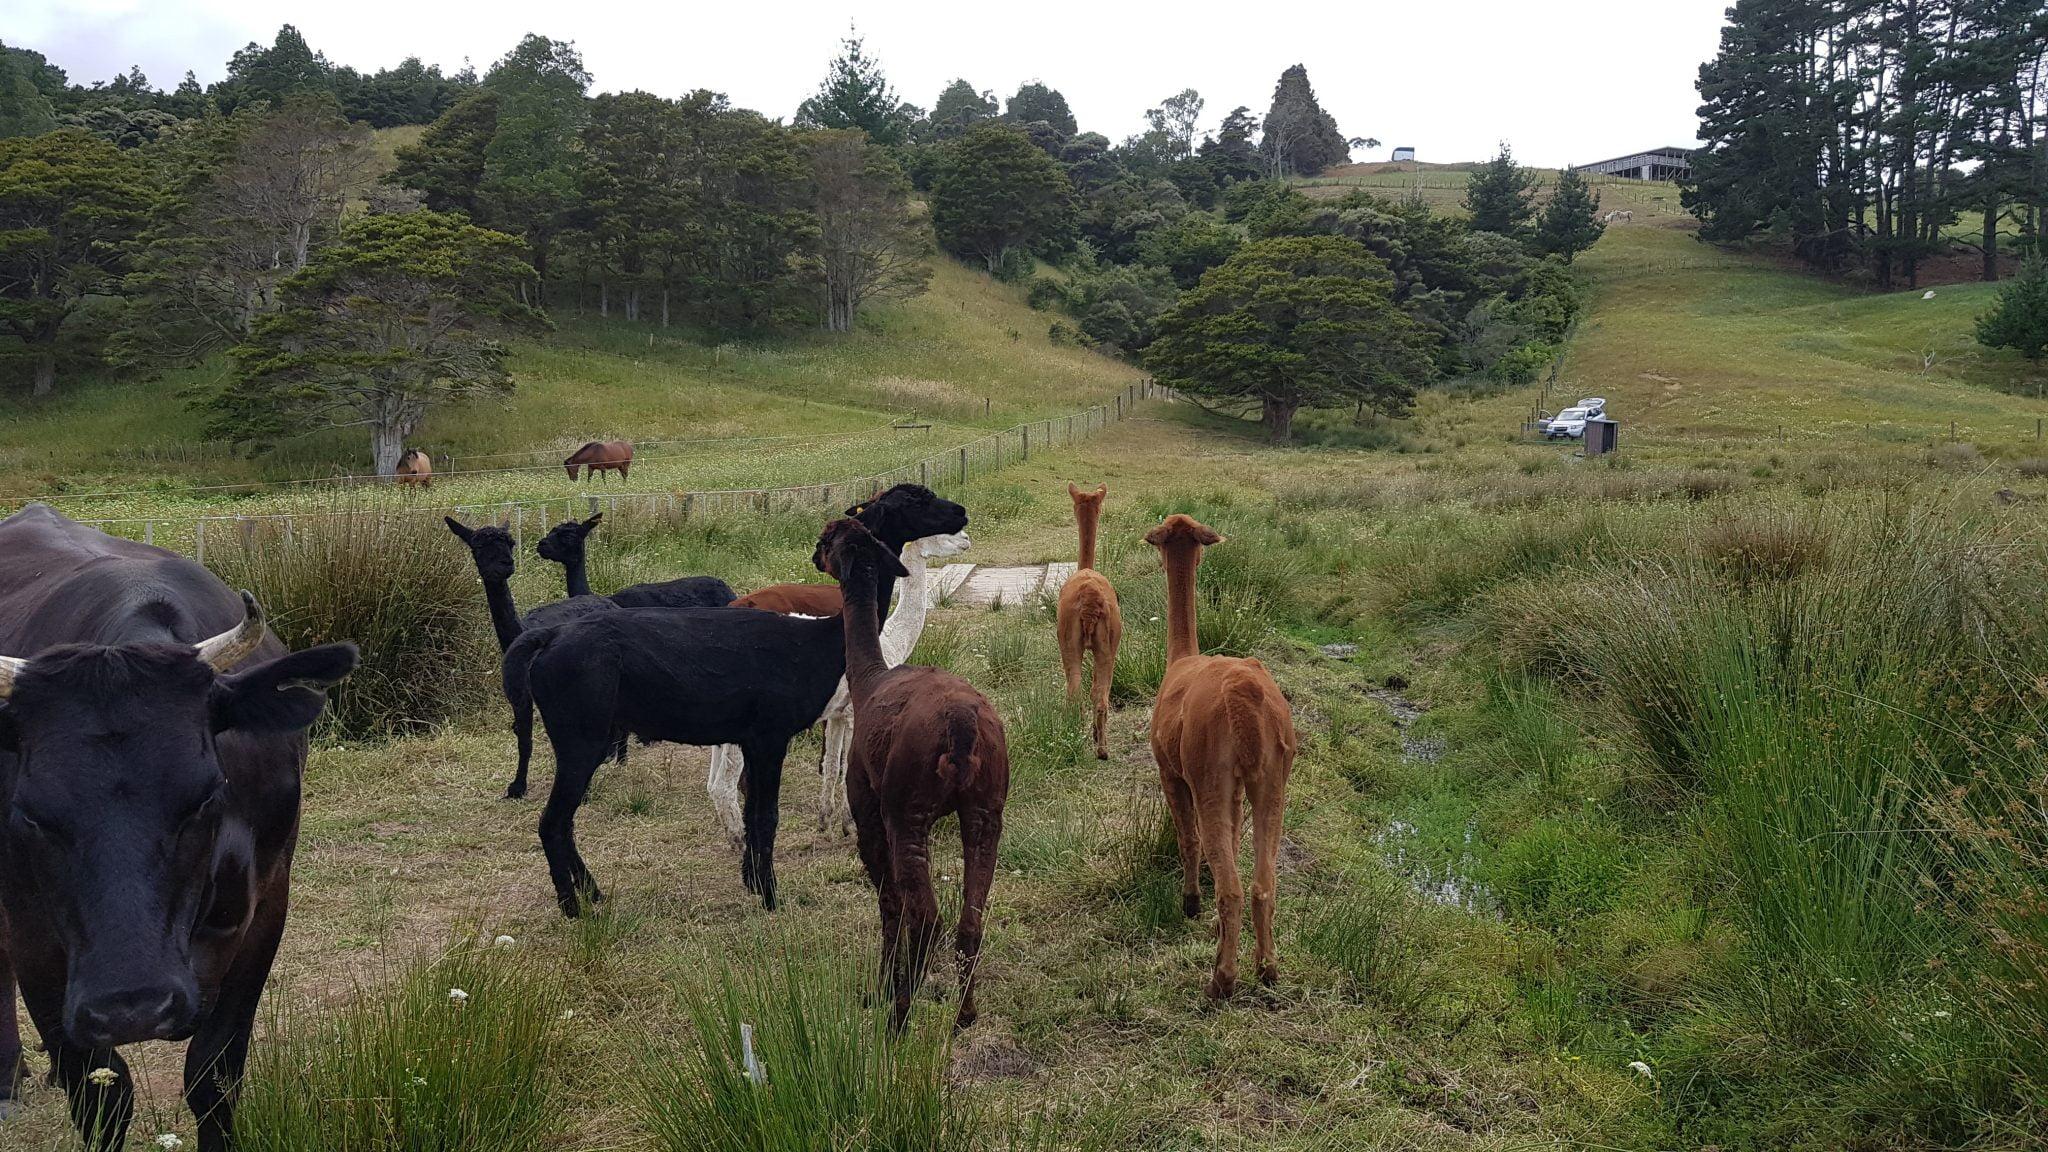 A herd of alpacas in a paddock